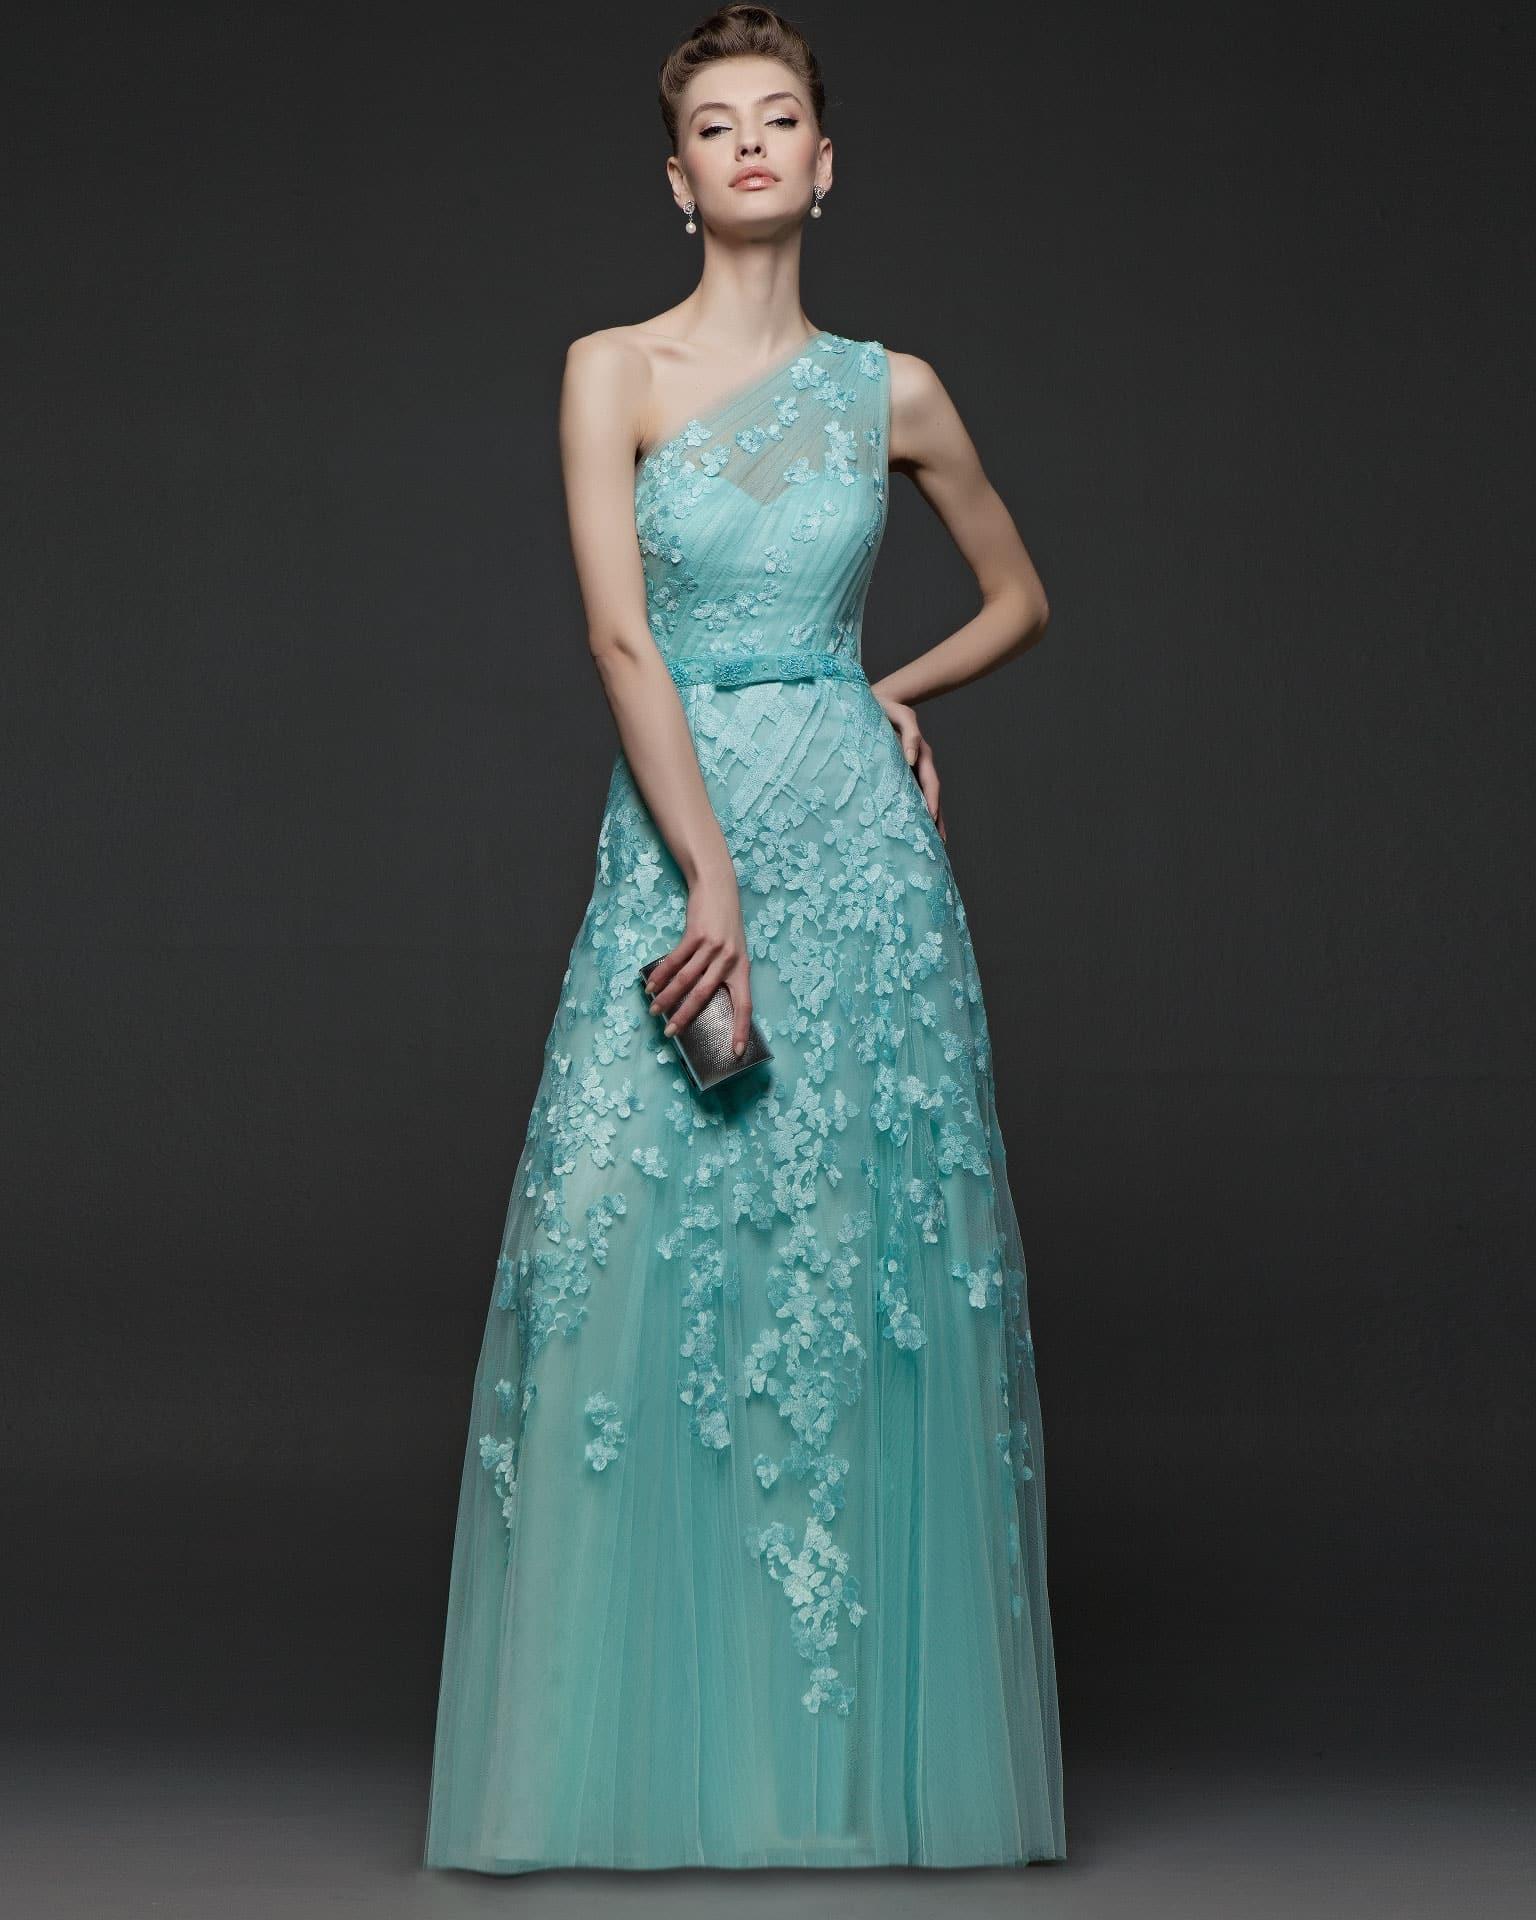 Vestidos de fiesta colección 2018 de noche y cocktail - Mujeres ...